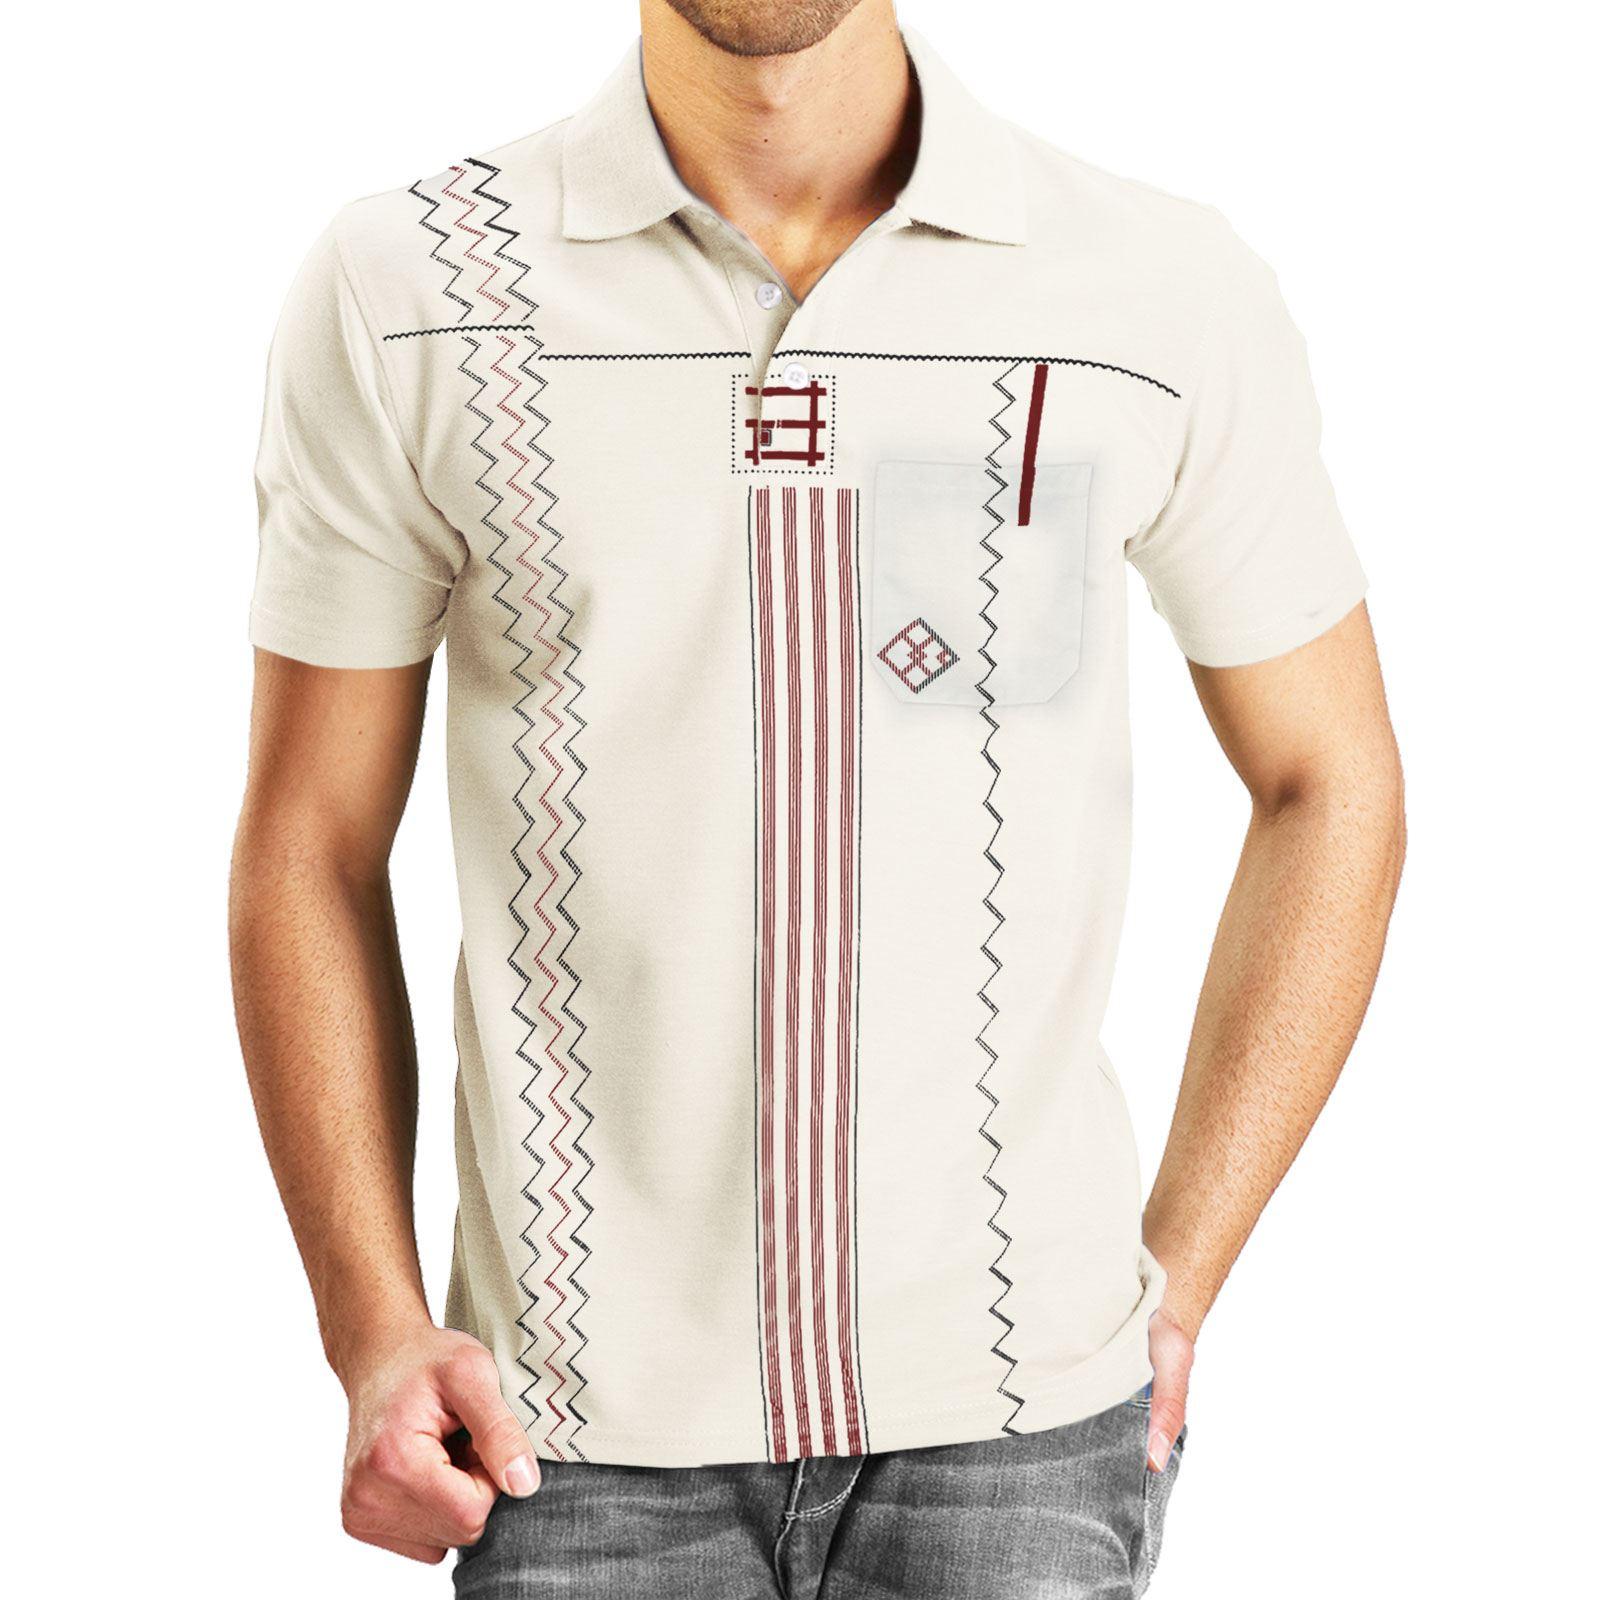 New mens t shirt aztec print designer tee top short sleeve for Womens golf shirts xxl